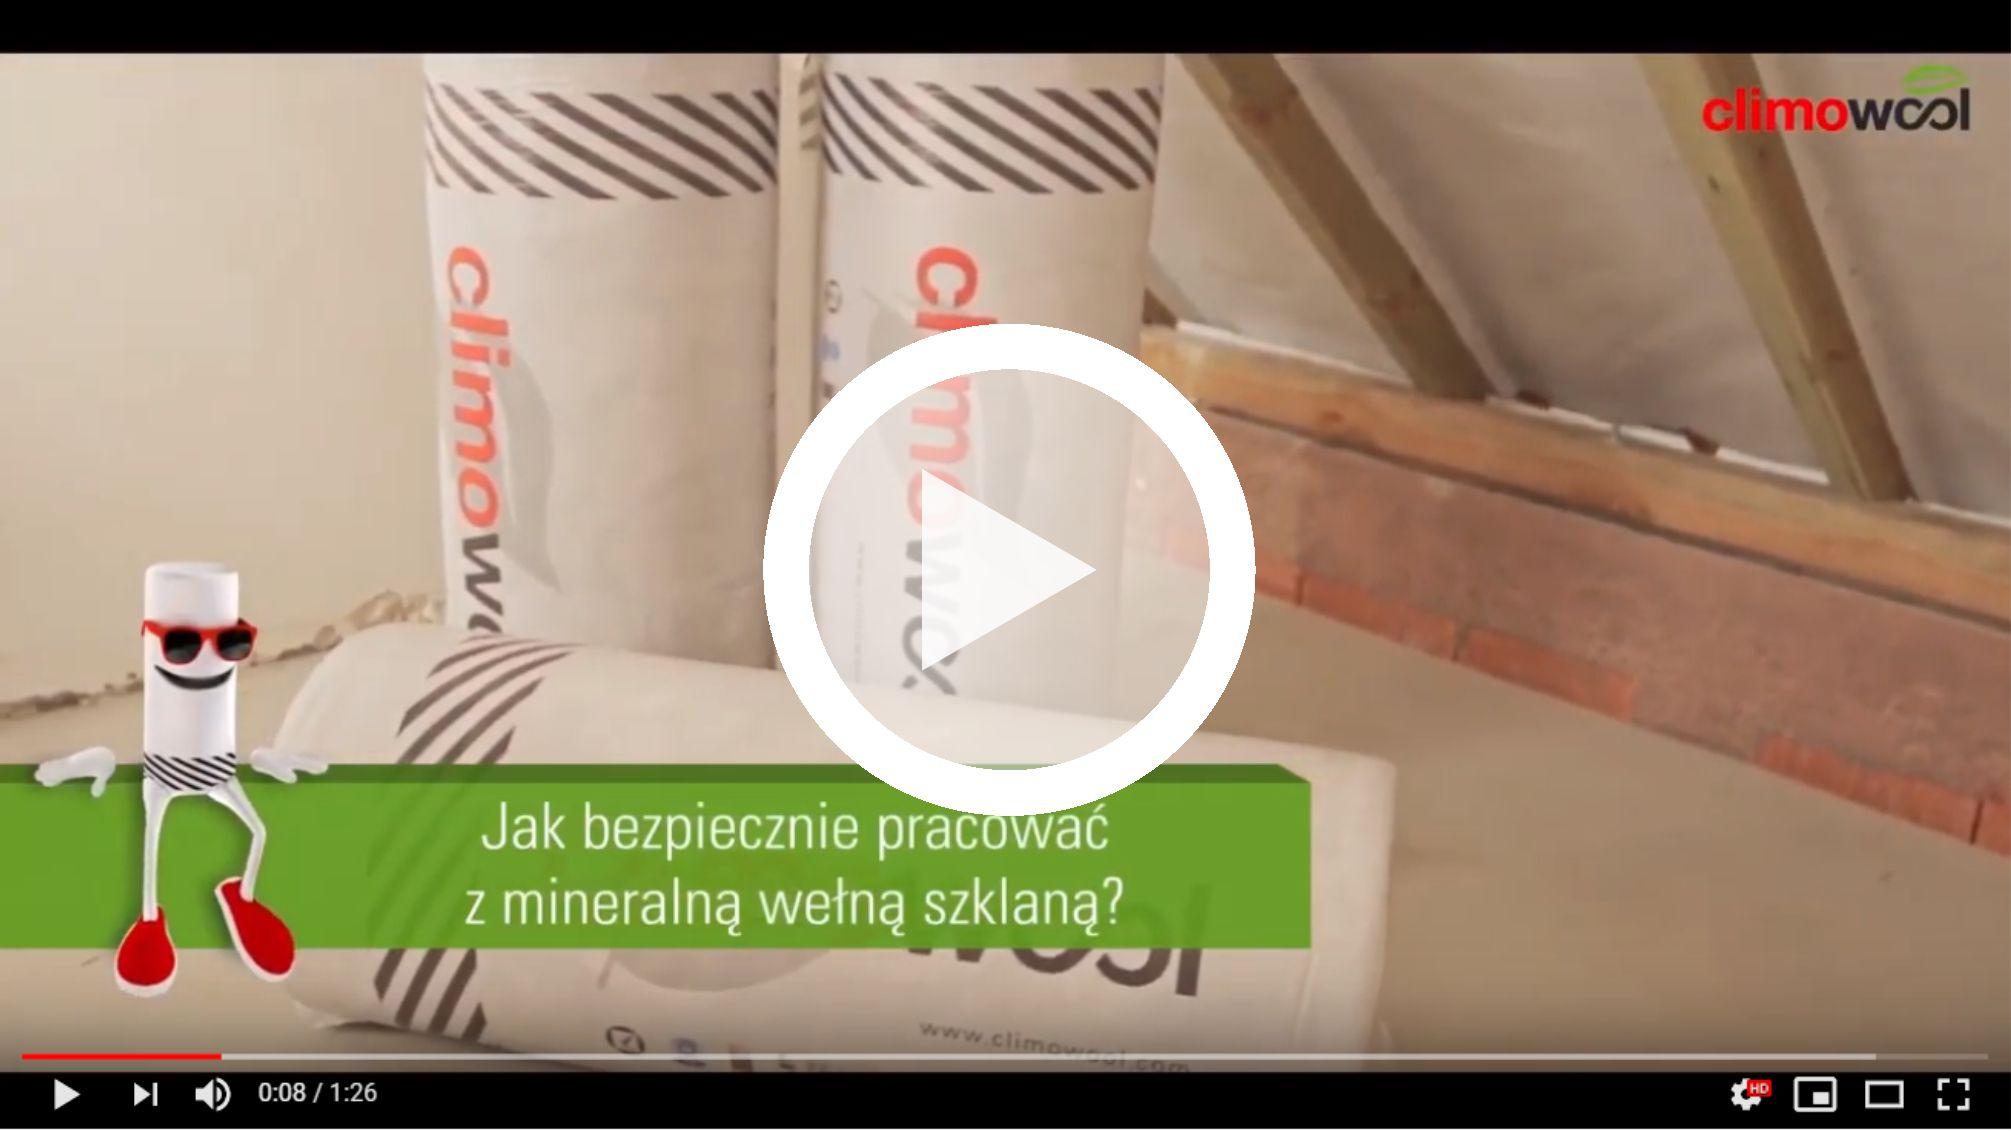 climowool-jak-bezpiecznie-pracowac-z-mineralna-welna-szklana